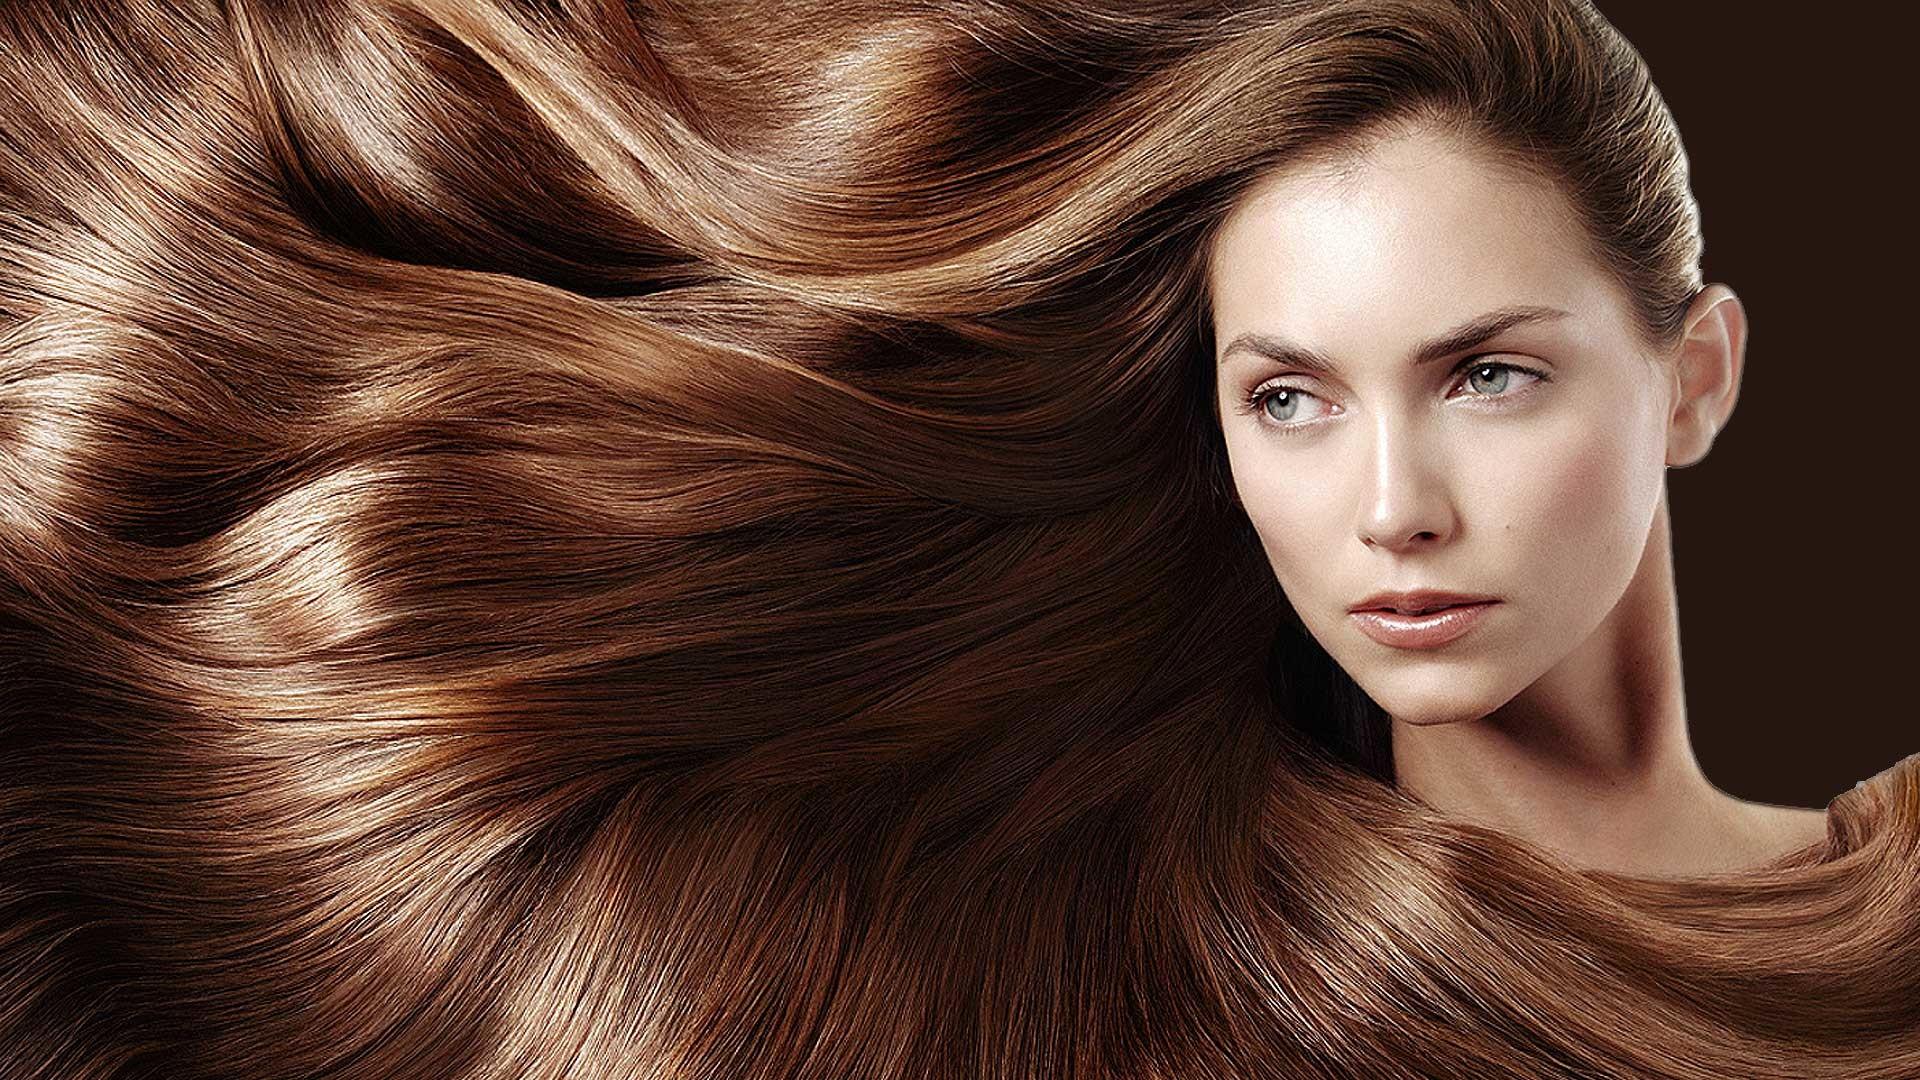 11 Aug Hair & Beauty Website